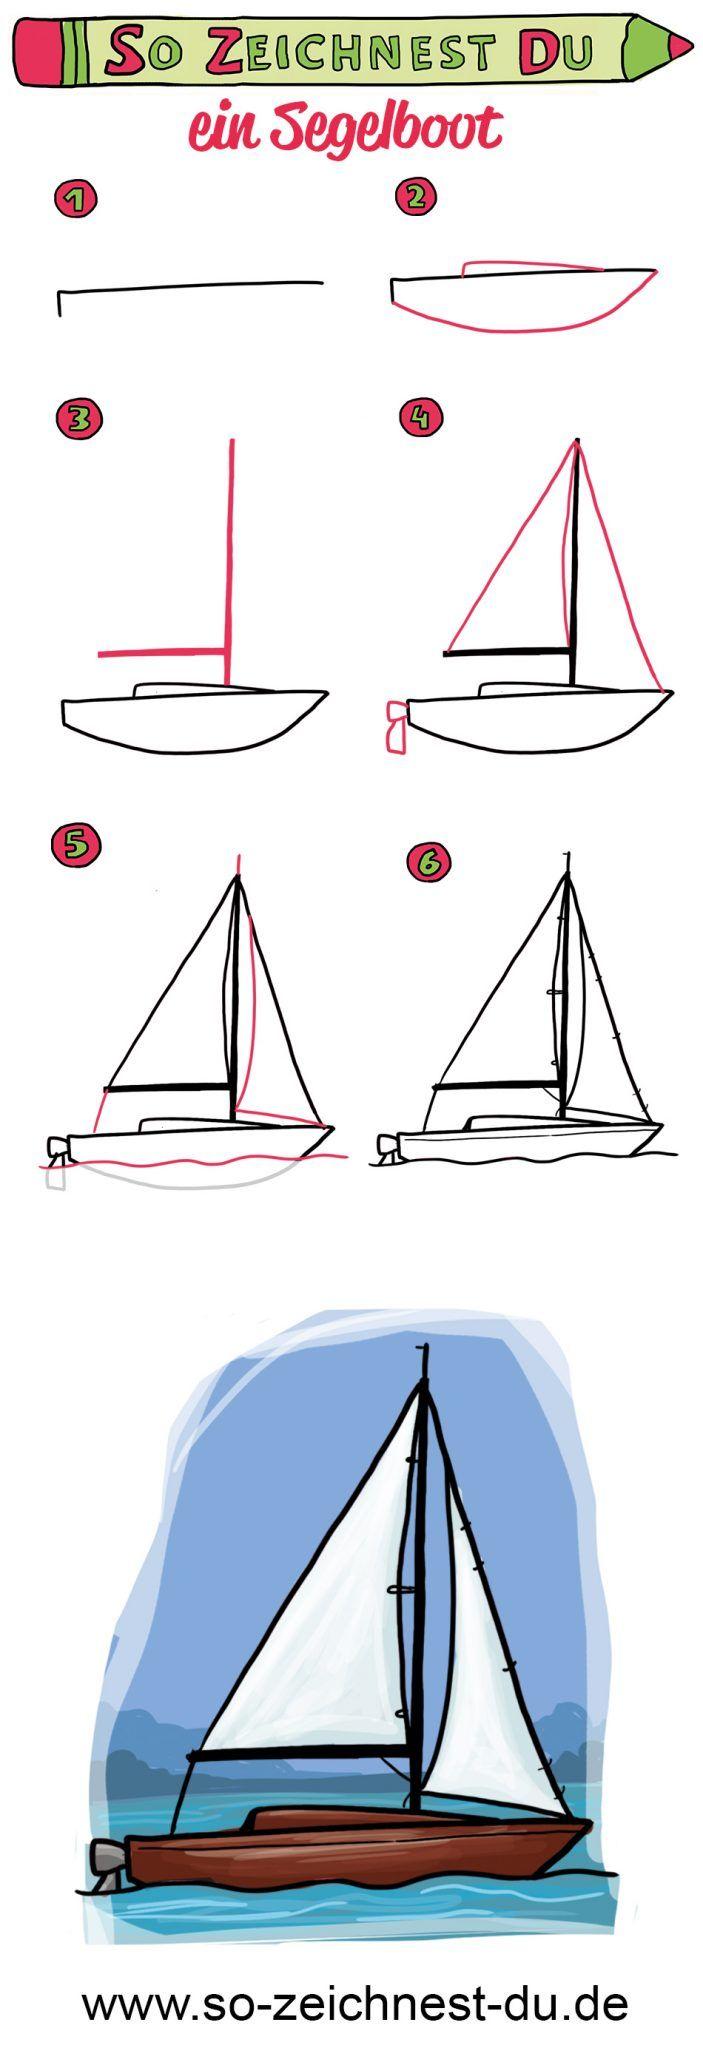 So zeichnest du ein Segelboot #steinebemalenvorlagen